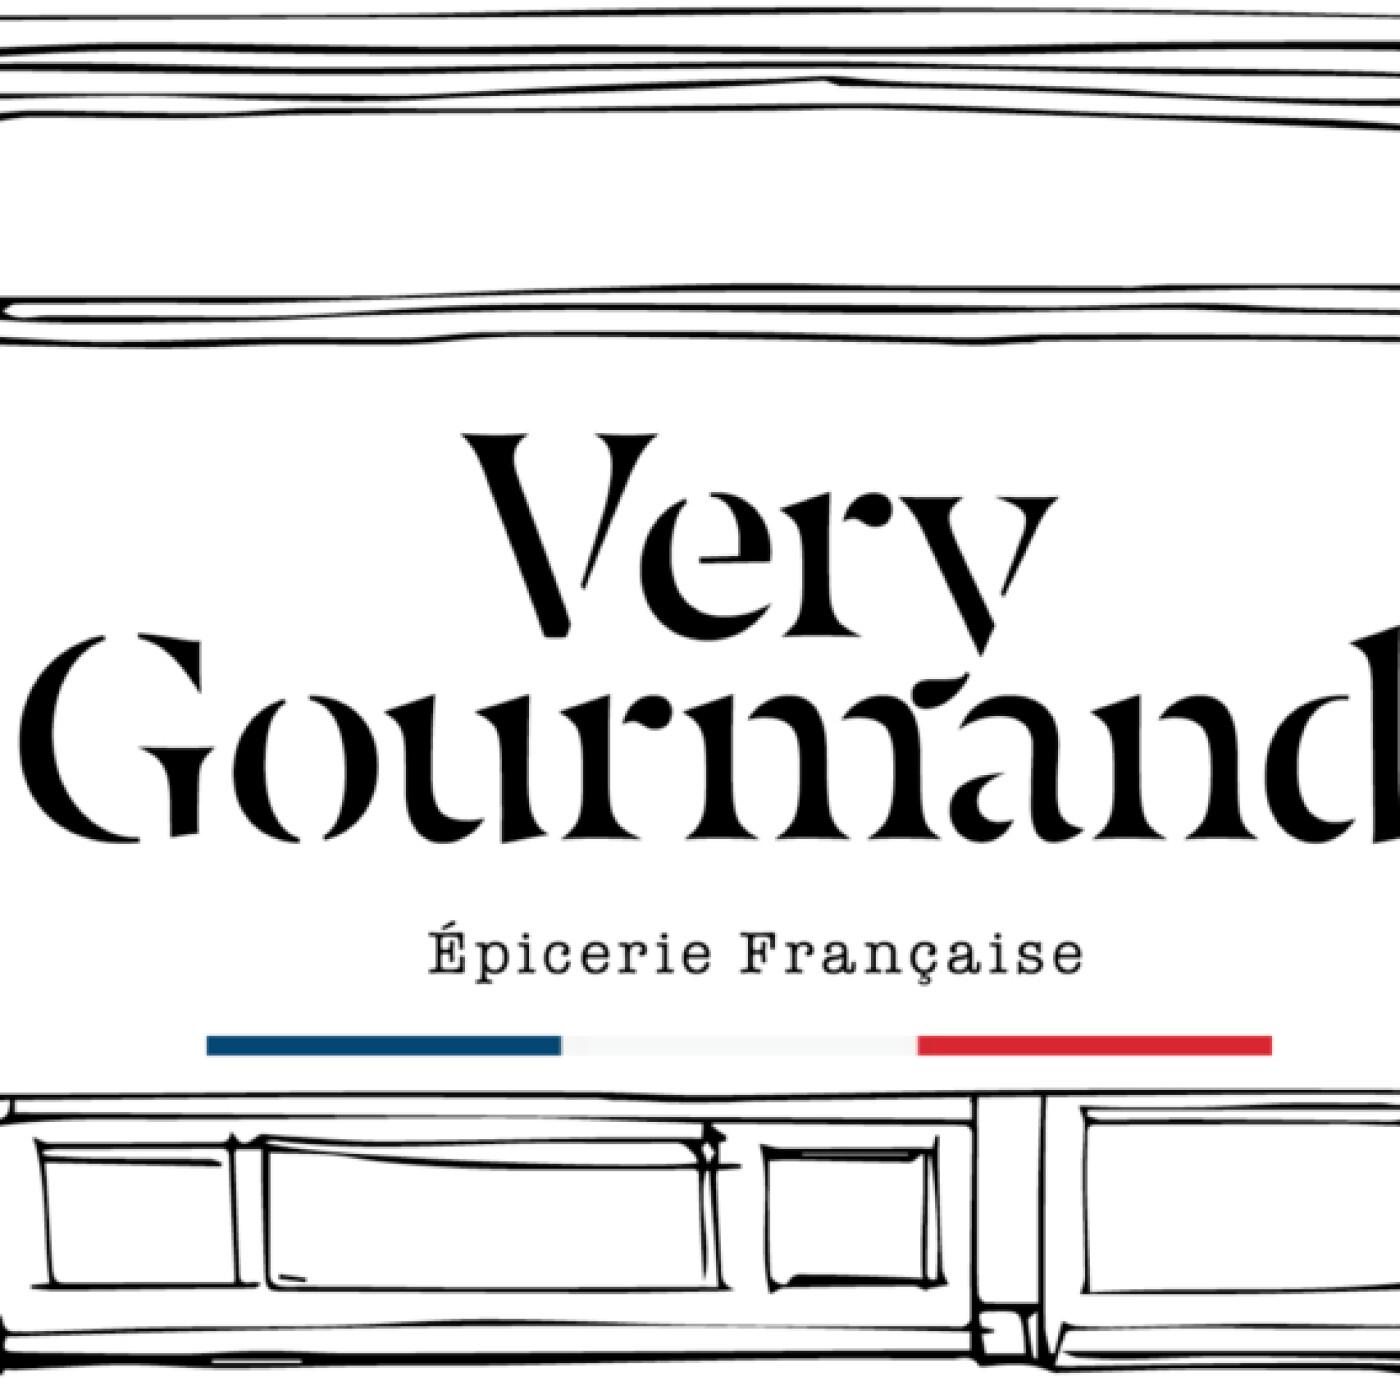 Armel & Emmanuel présentent le site Very Gourmand depuis Lisbonne - 29 09 2021 - StereoChic Radio